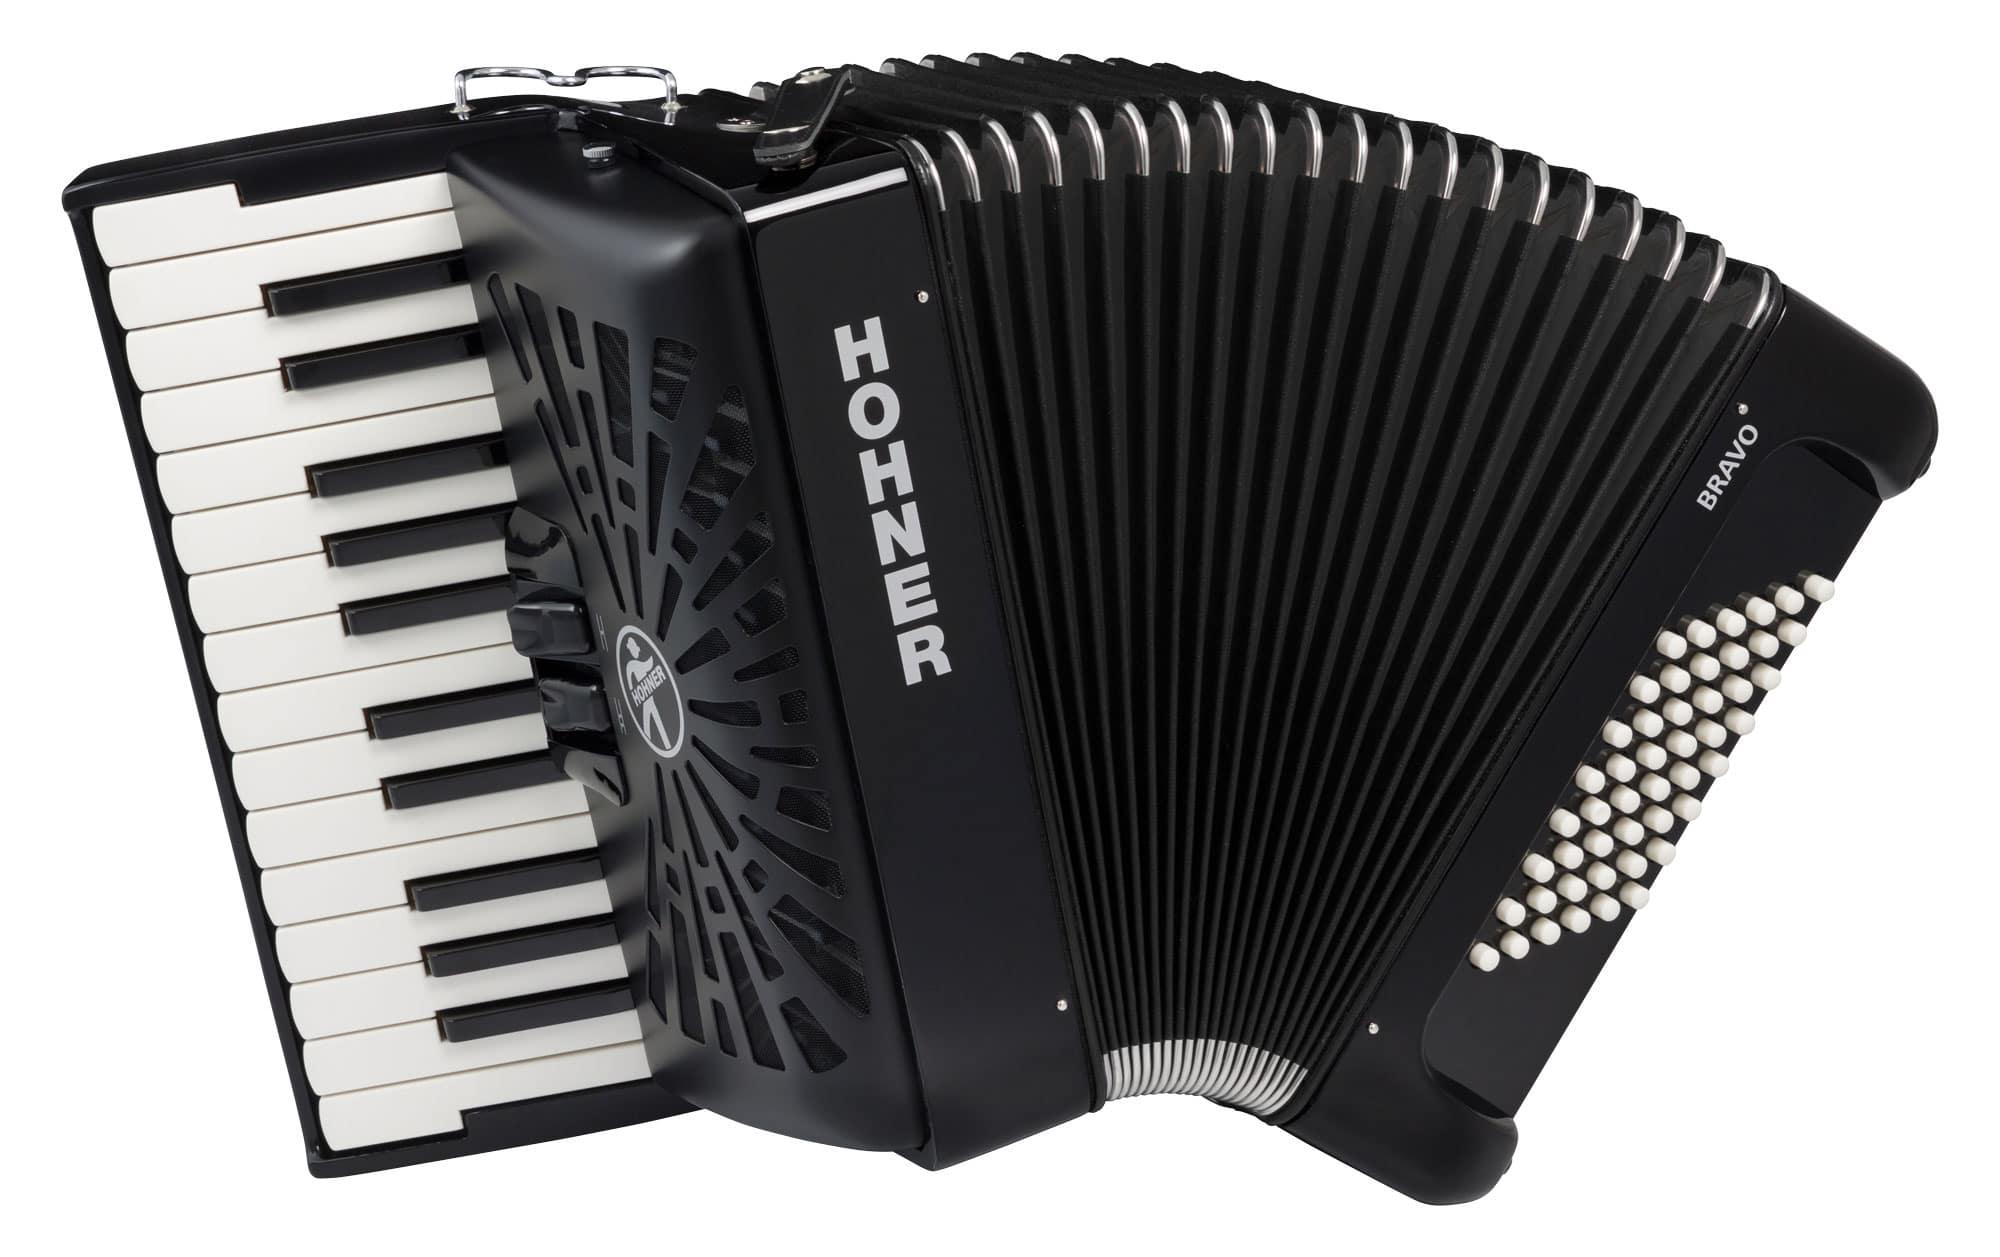 Hohner Bravo II 48 silent key schwarz